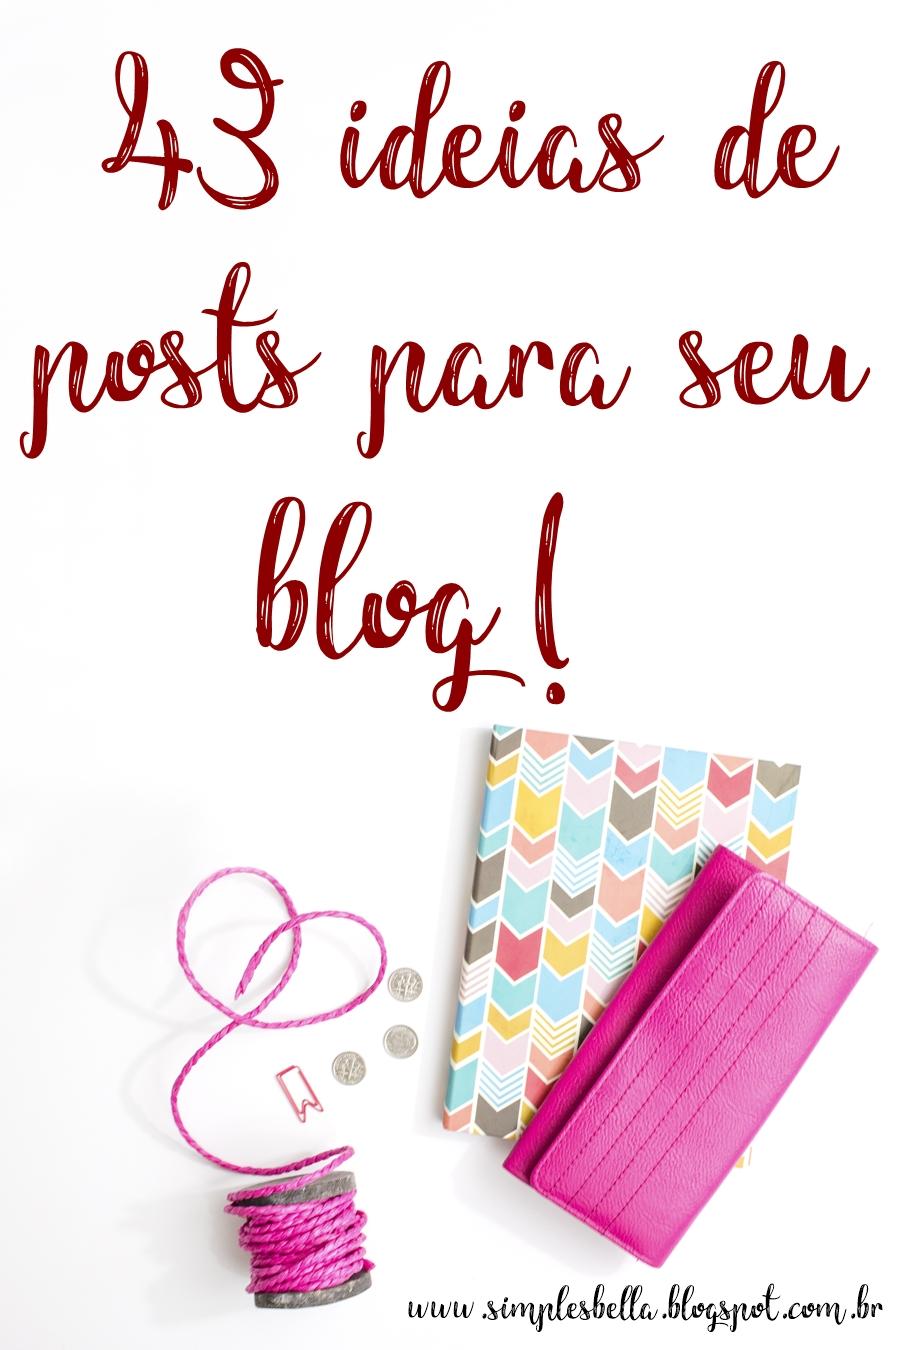 Ideias de posts para blog. Assuntos para postar no blog. Dicas de post para blogs.